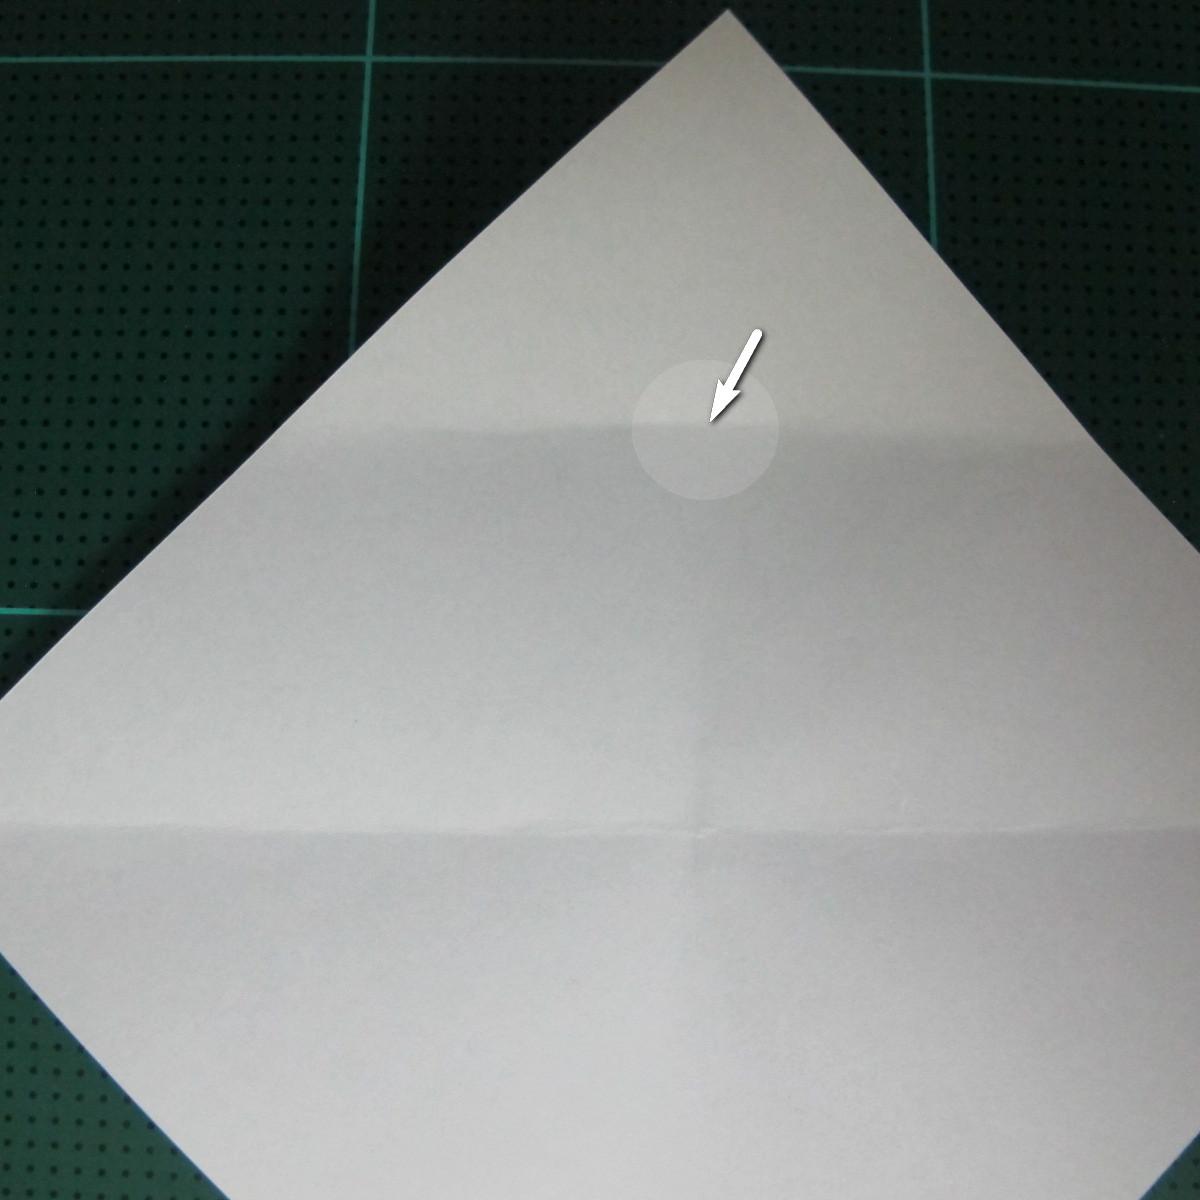 วิธีพับกระดาษเป็นรูปลูกสุนัข (แบบใช้กระดาษสองแผ่น) (Origami Dog) 009